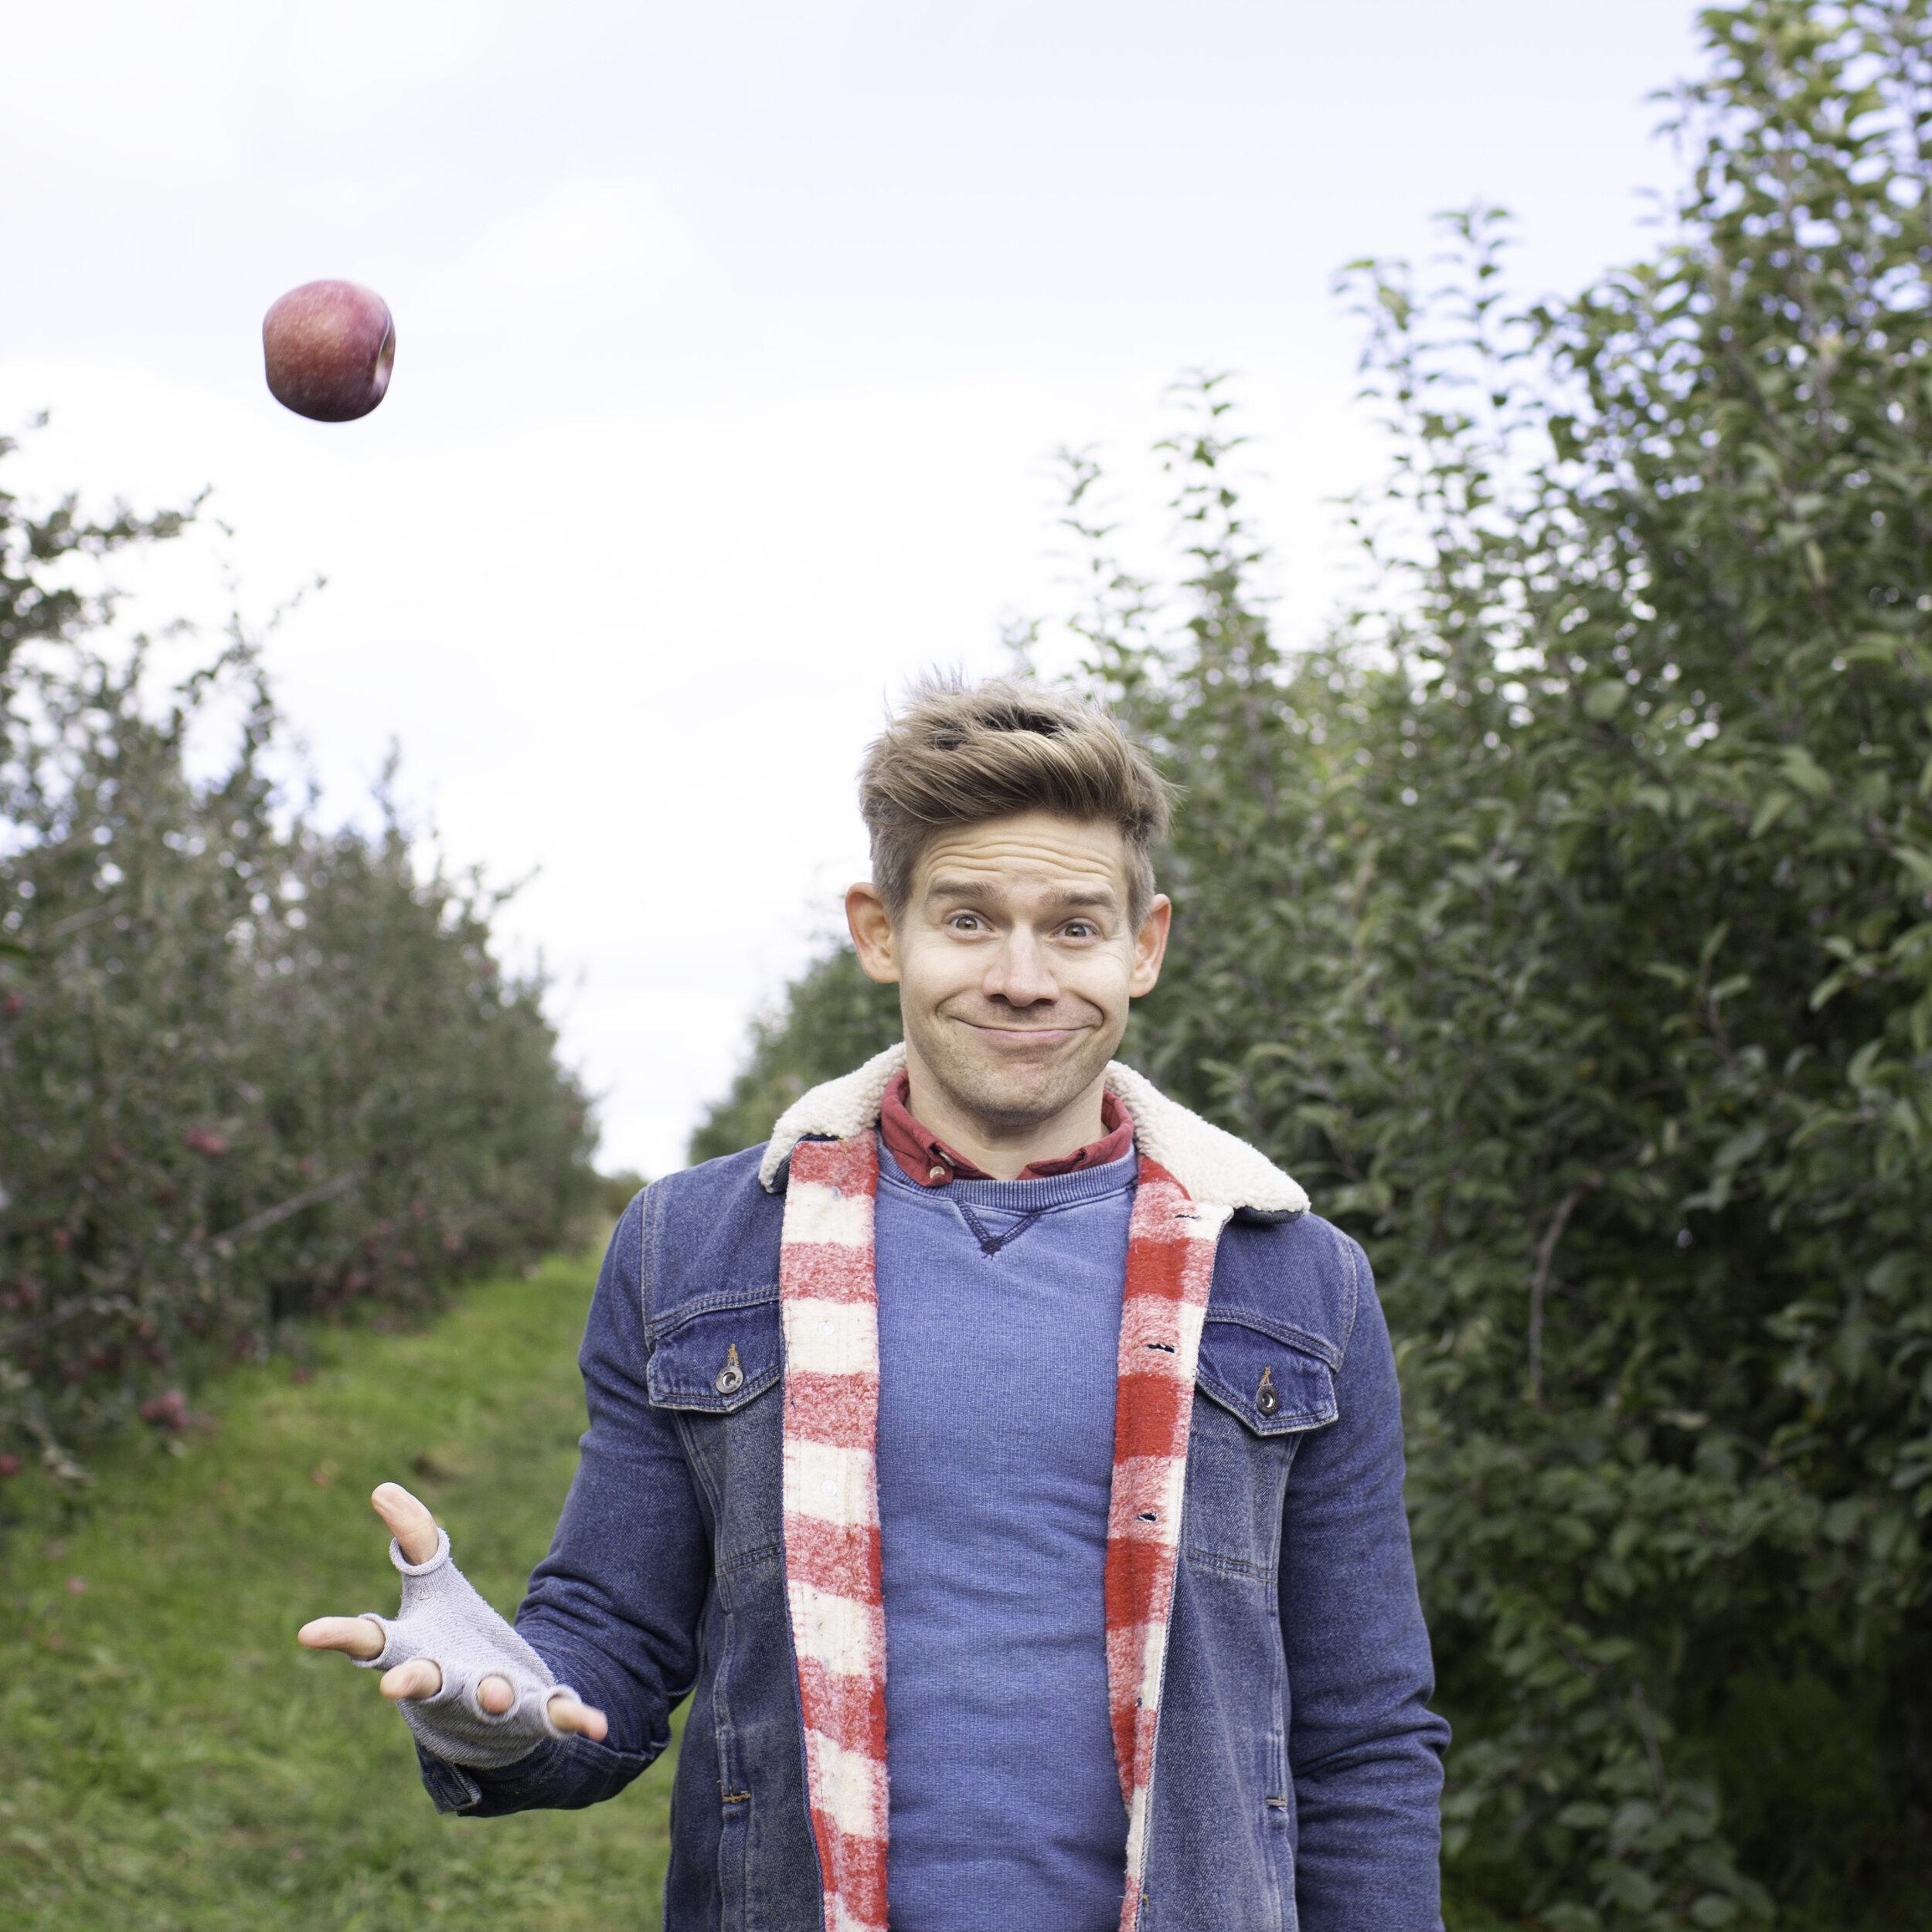 applesbeforeIG.jpg